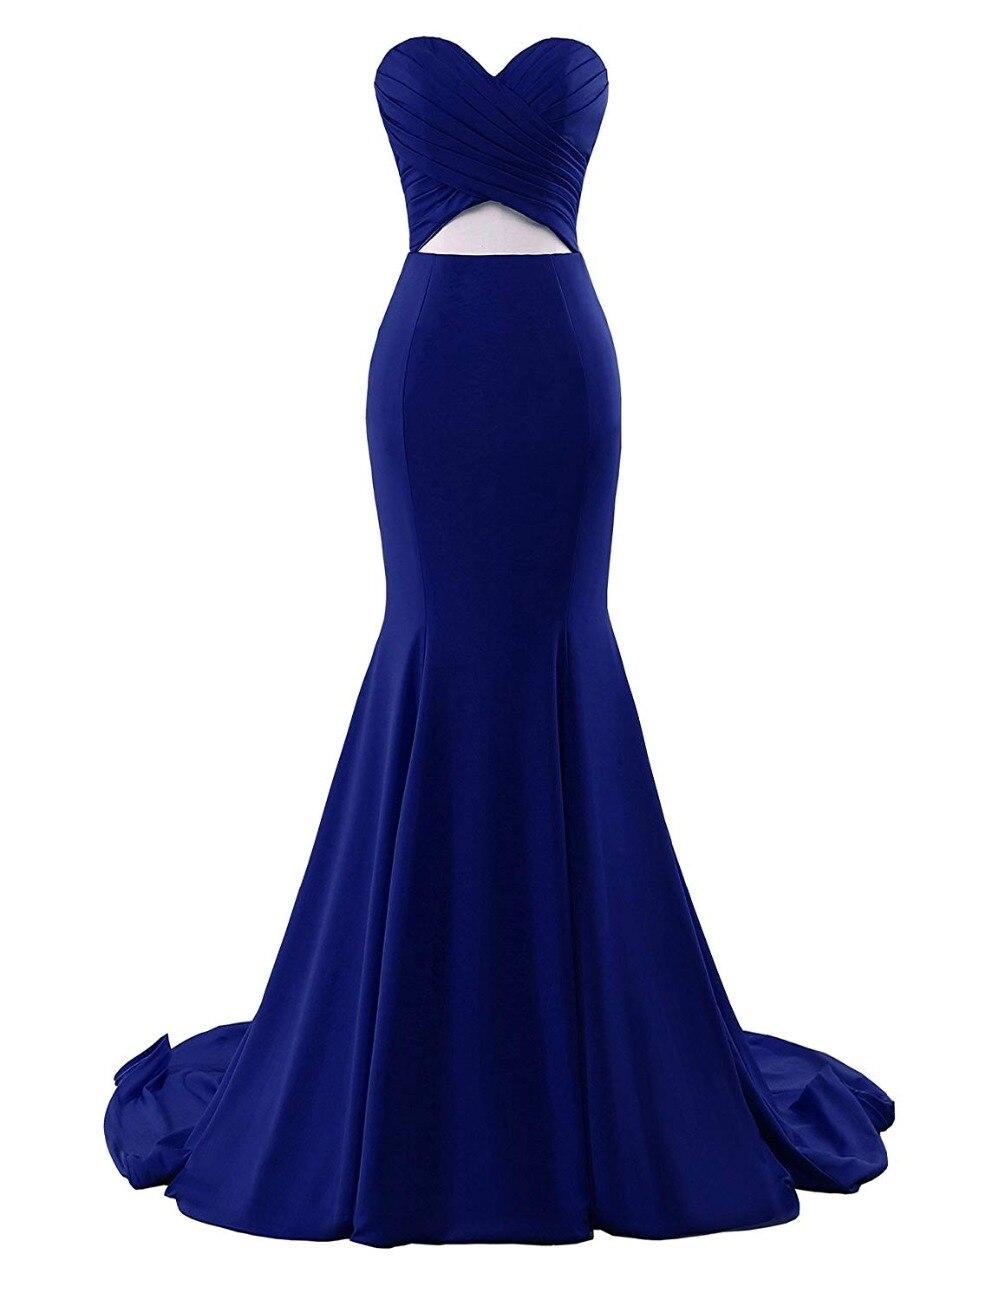 JaneVini Árabe Sereia Vermelho Vestido de Festa 2018 Querida Longo Cortar Vestidos de Dama de honra Sexy Dubai Ladies Botão Vestido Formal - 6